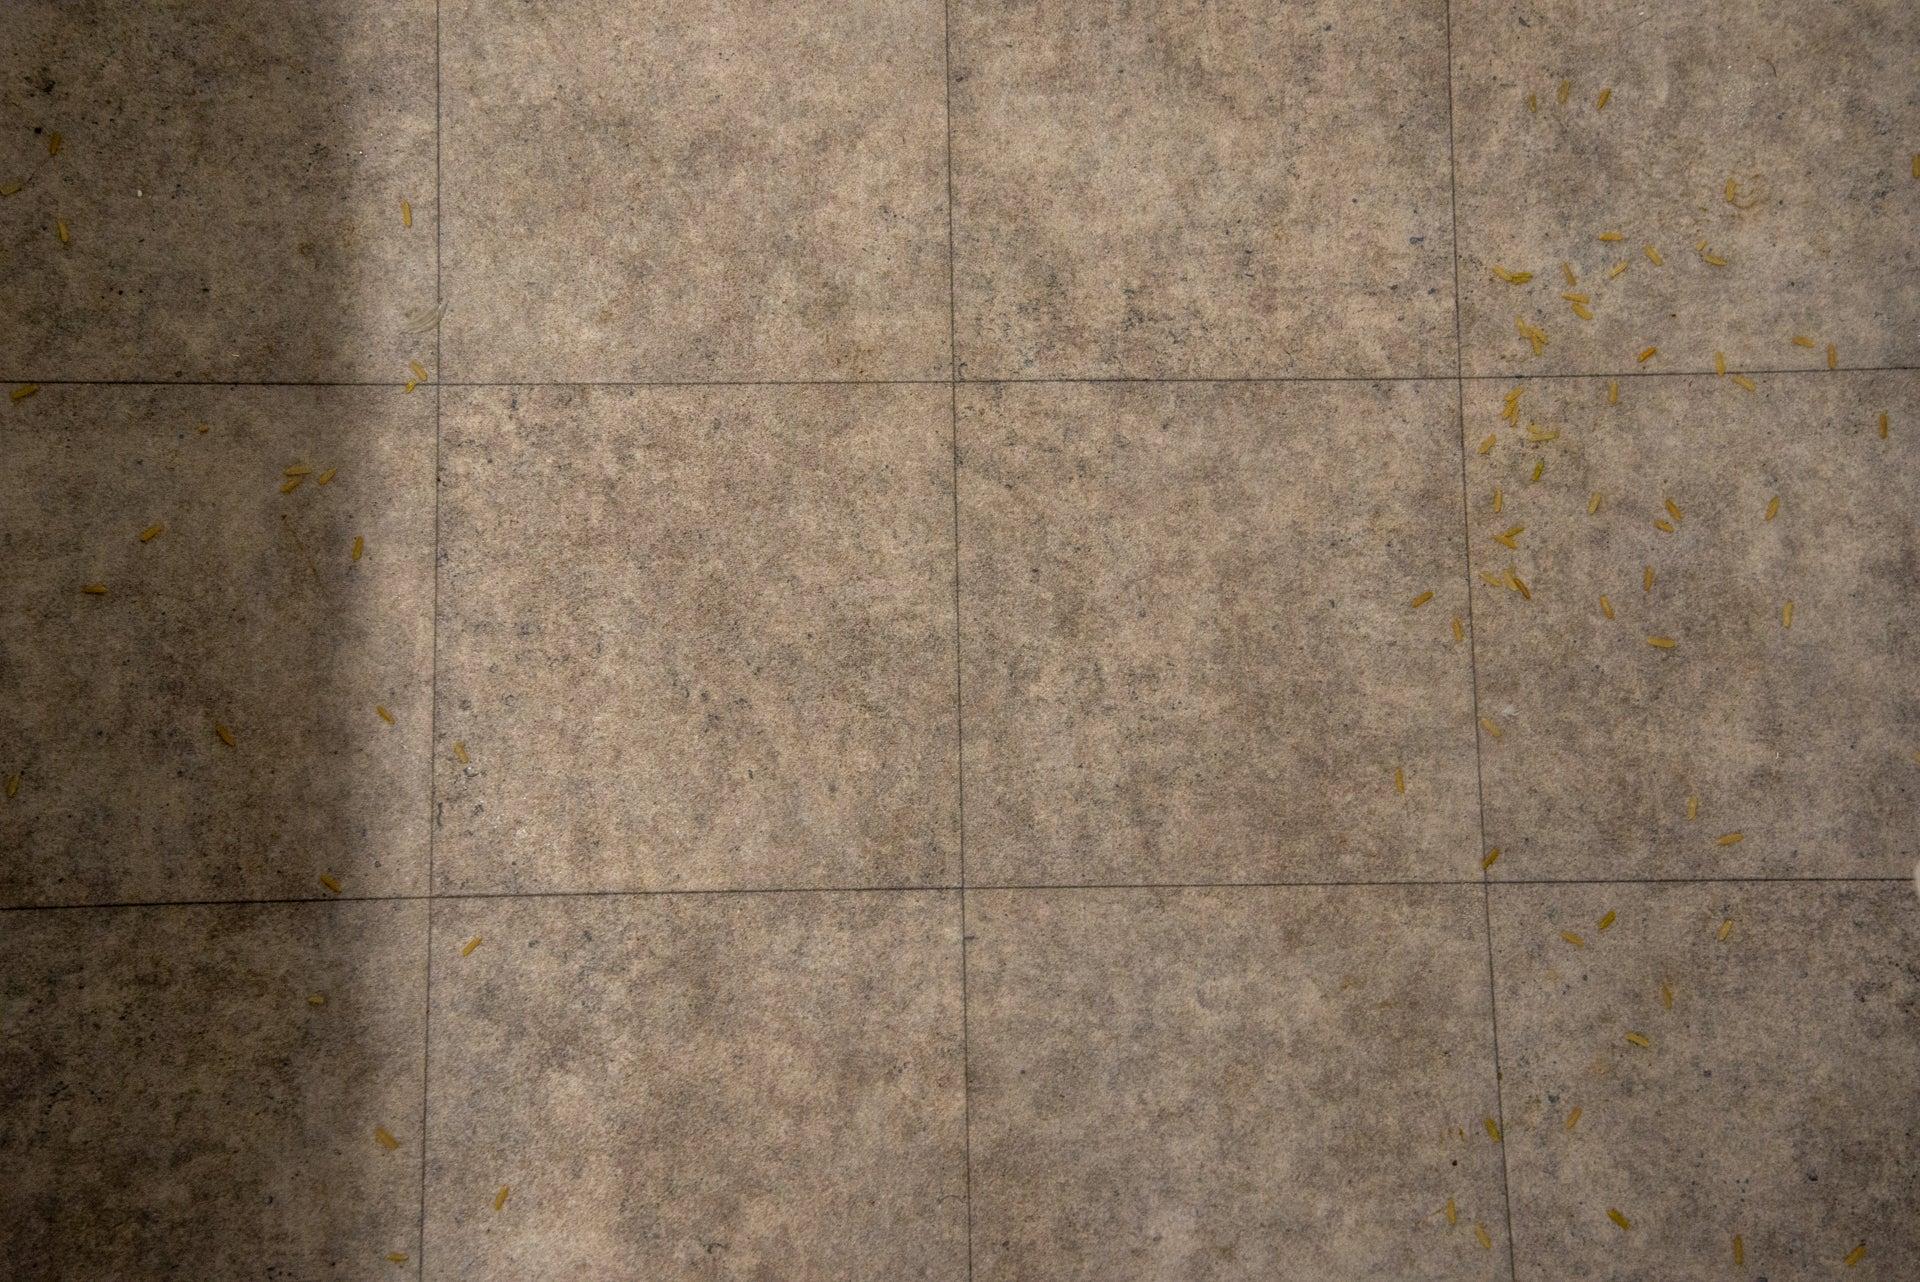 Hoover H-Free 300 clean hard floor